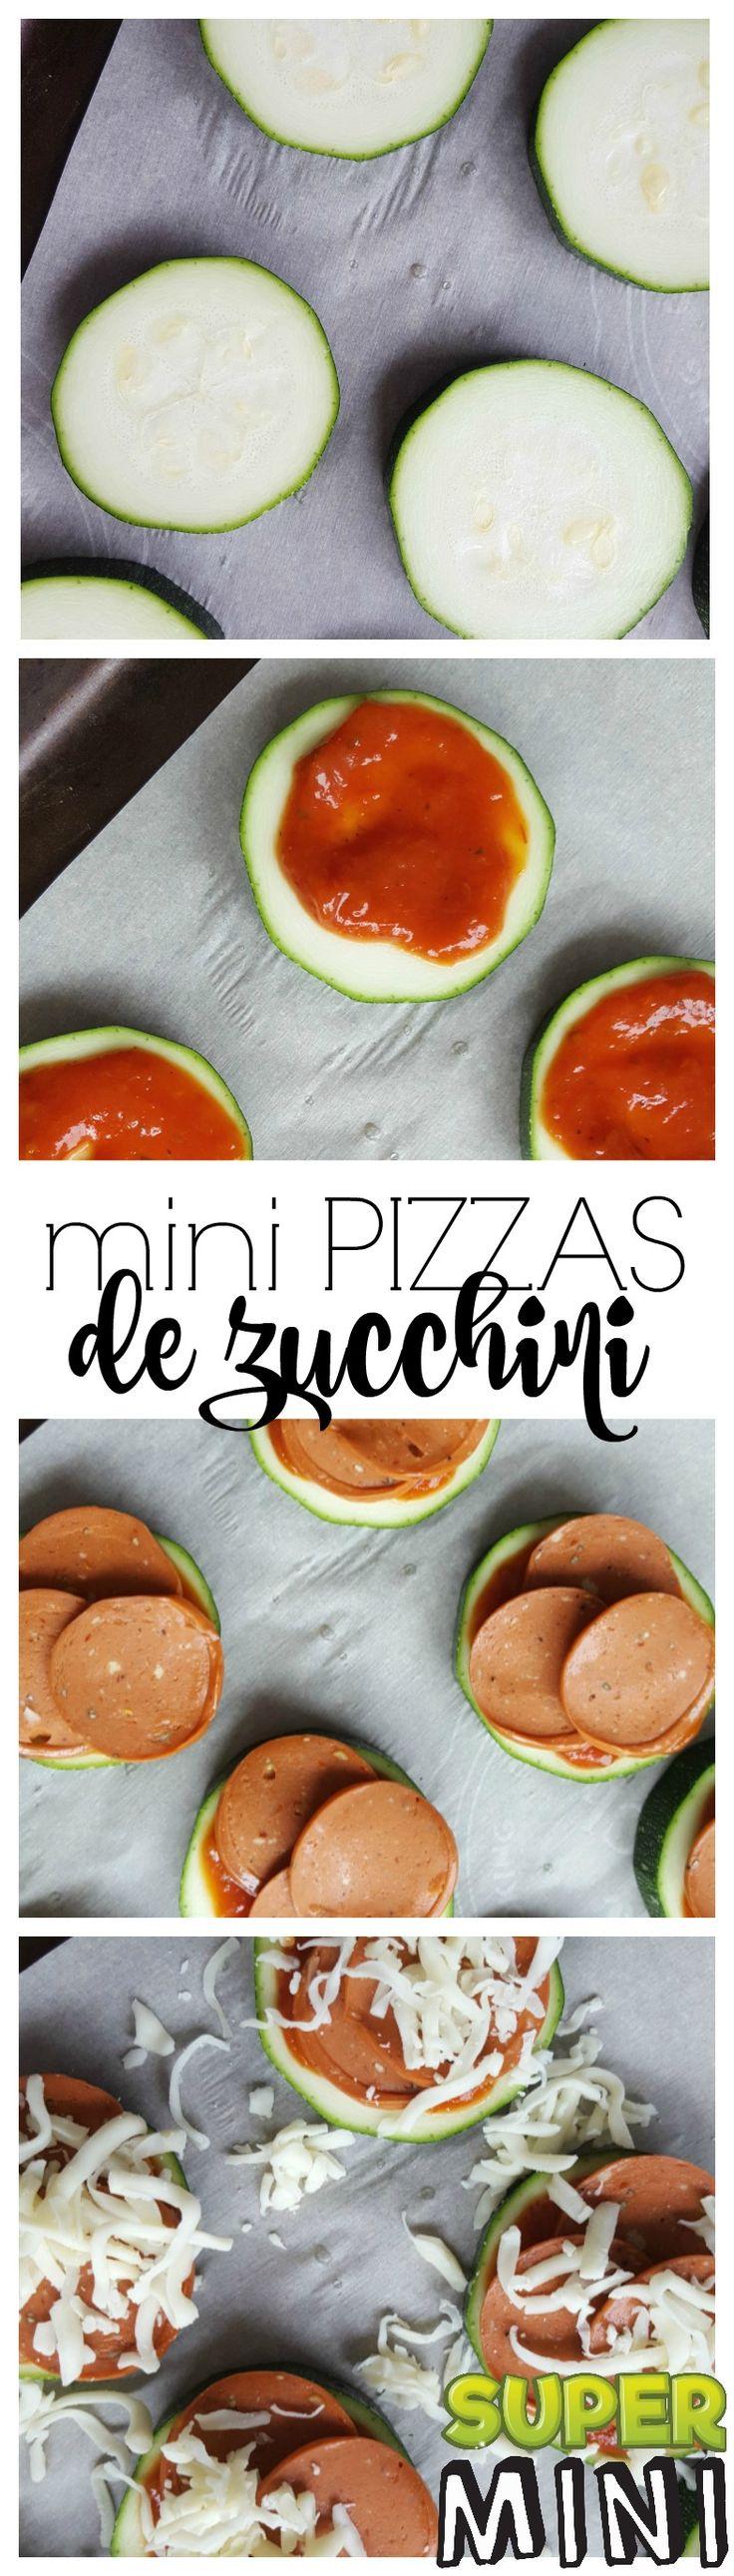 Vous ne savez plus quoi faire de vos énormes zucchinis? Voici une recette facile, rapide à faire et santé. Voici mes délicieuses mini pizzas de zucchini !